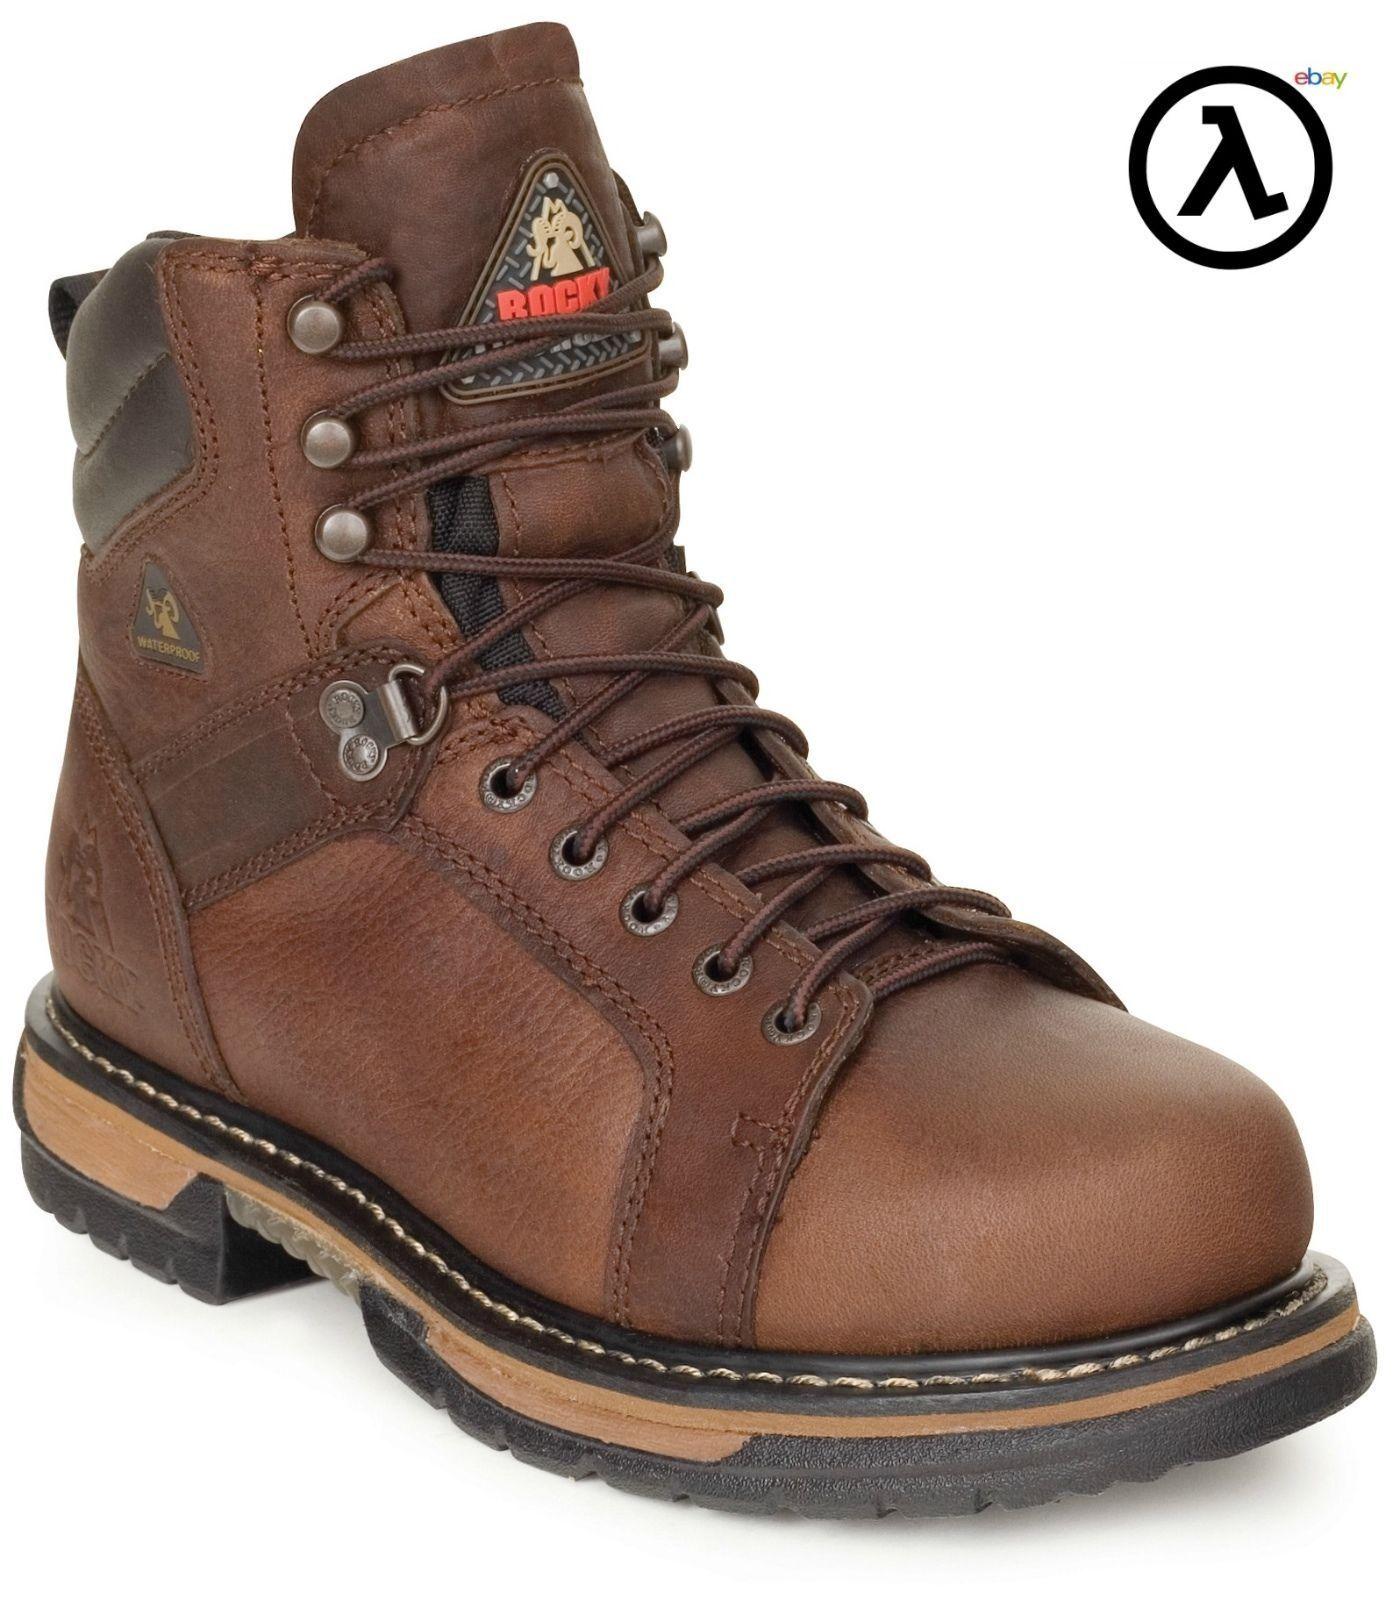 ROCKY IRONCLAD Impermeable Encaje Punta botas de trabajo FQ0005703  a todos los tamaños-NUEVO